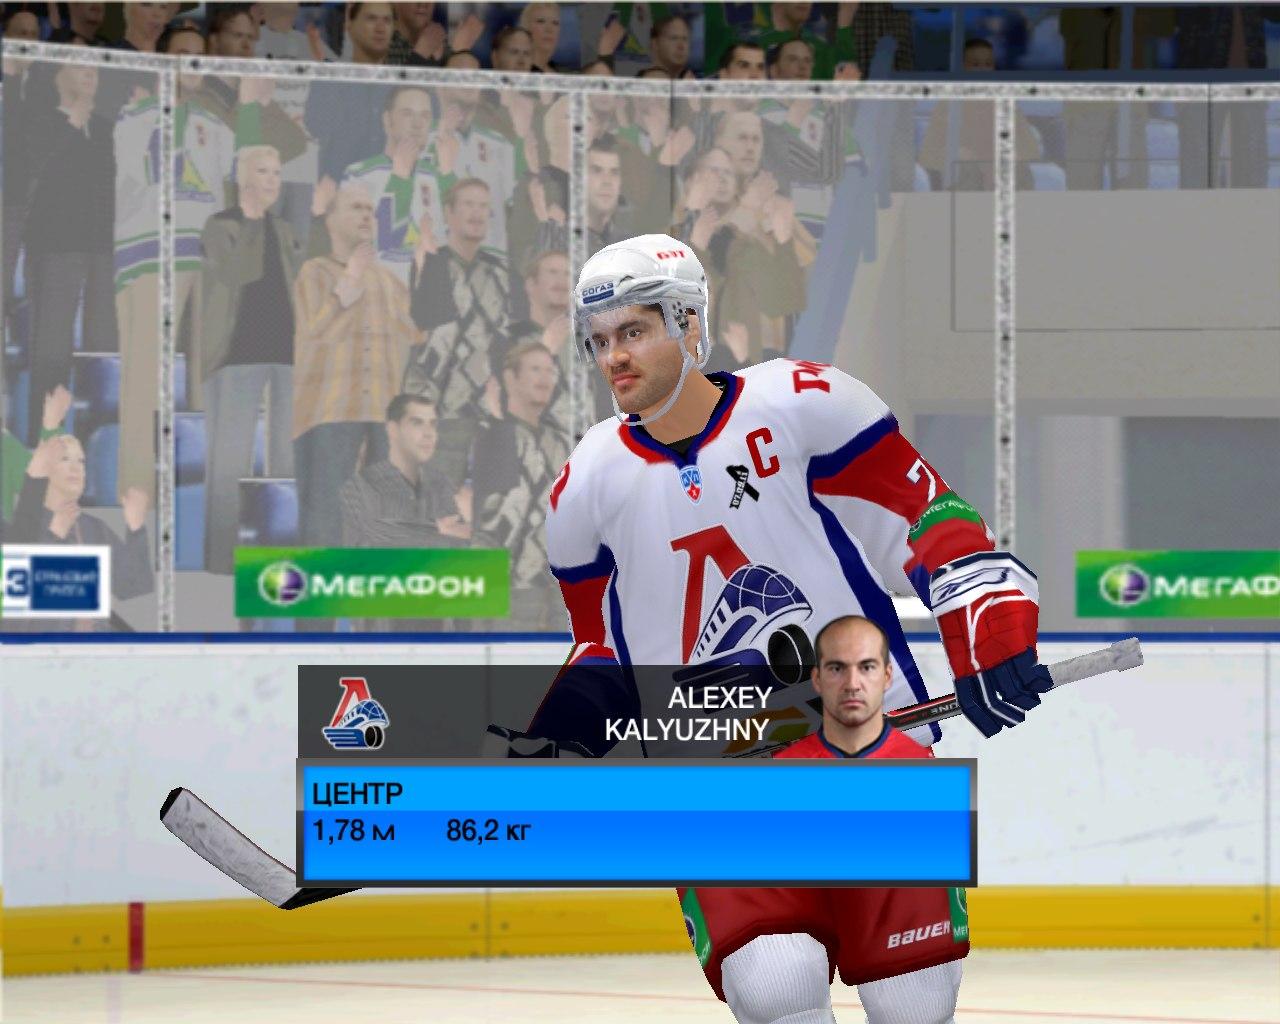 скачать хоккей игру на пк через торрент